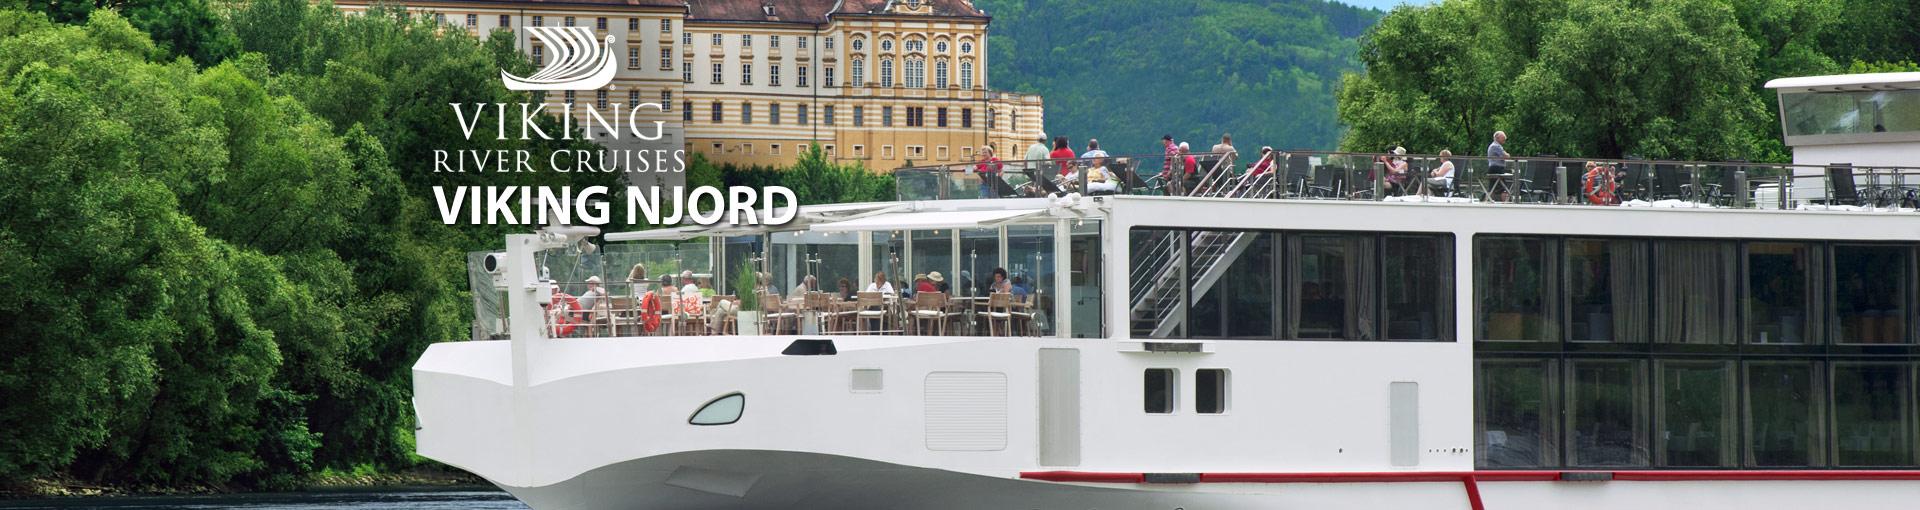 Viking Rivers Viking Njord river cruise ship